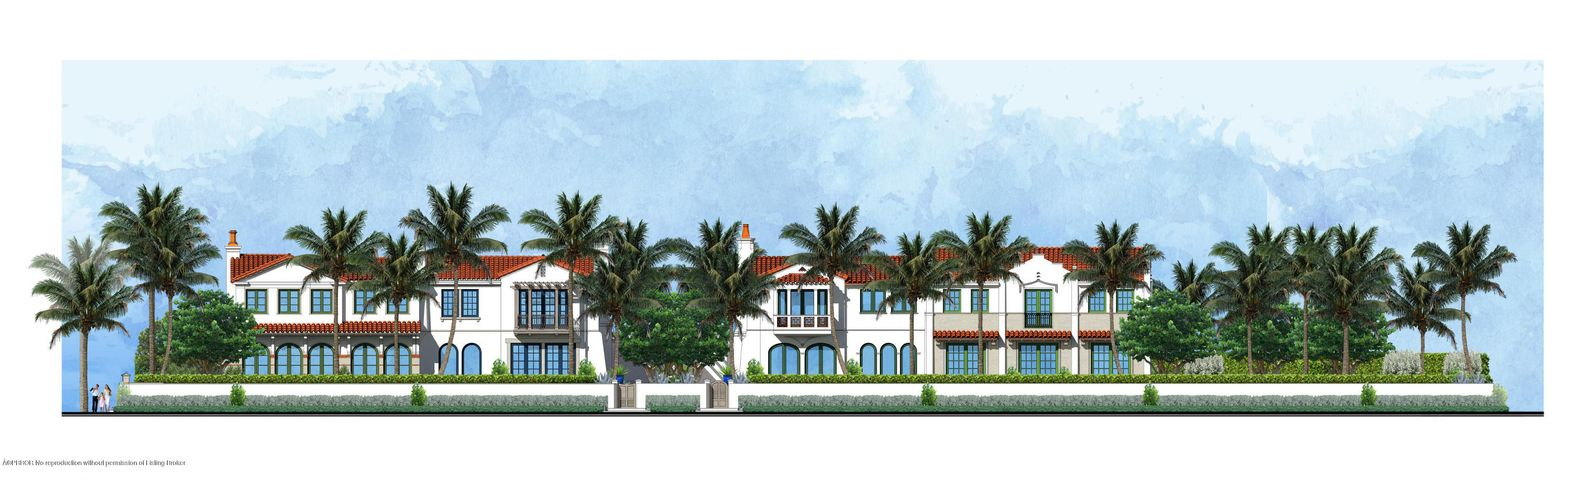 456 S Ocean Boulevard 4, Palm Beach, FL 33480